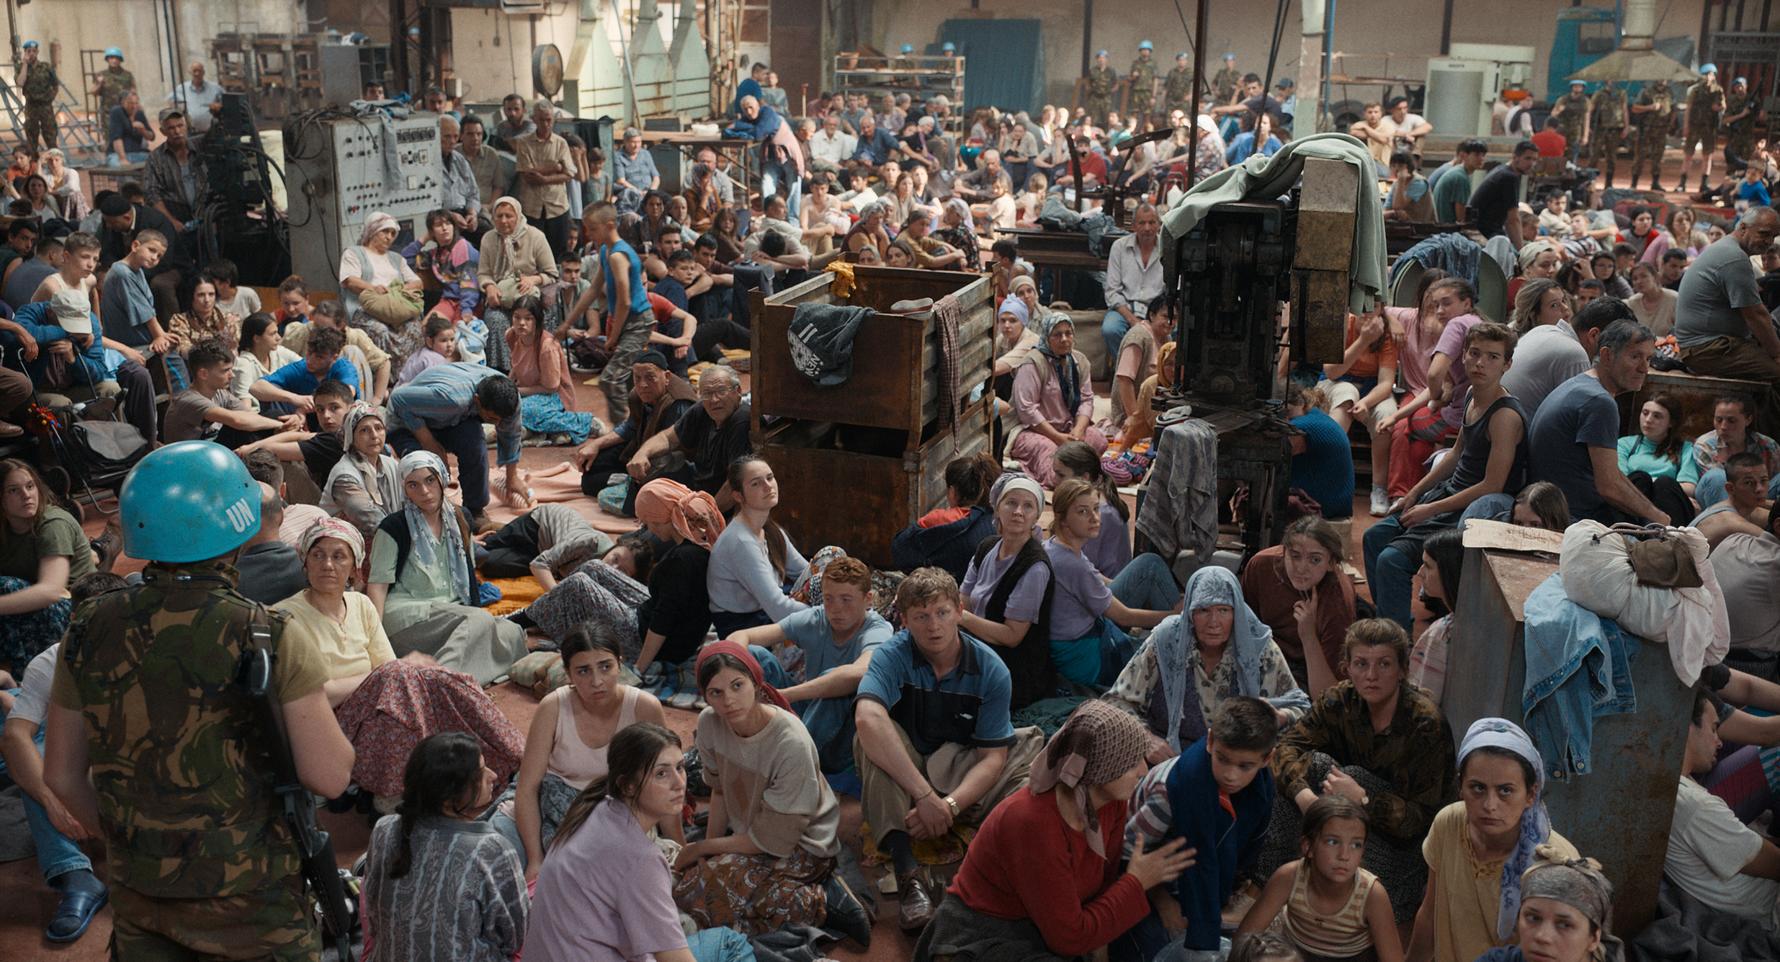 国連施設にあふれかえるボシュニャク人の難民ら。演じたエキストラの中には事件当時、実際に難民だった人もいるという=「アイダよ、何処へ?」より。©2020 Deblokada/coop99 filmproduktion/Digital Cube/N279/Razor Film/Extreme Emotions/Indie Prod/Tordenfilm/TRT/ZDF arte